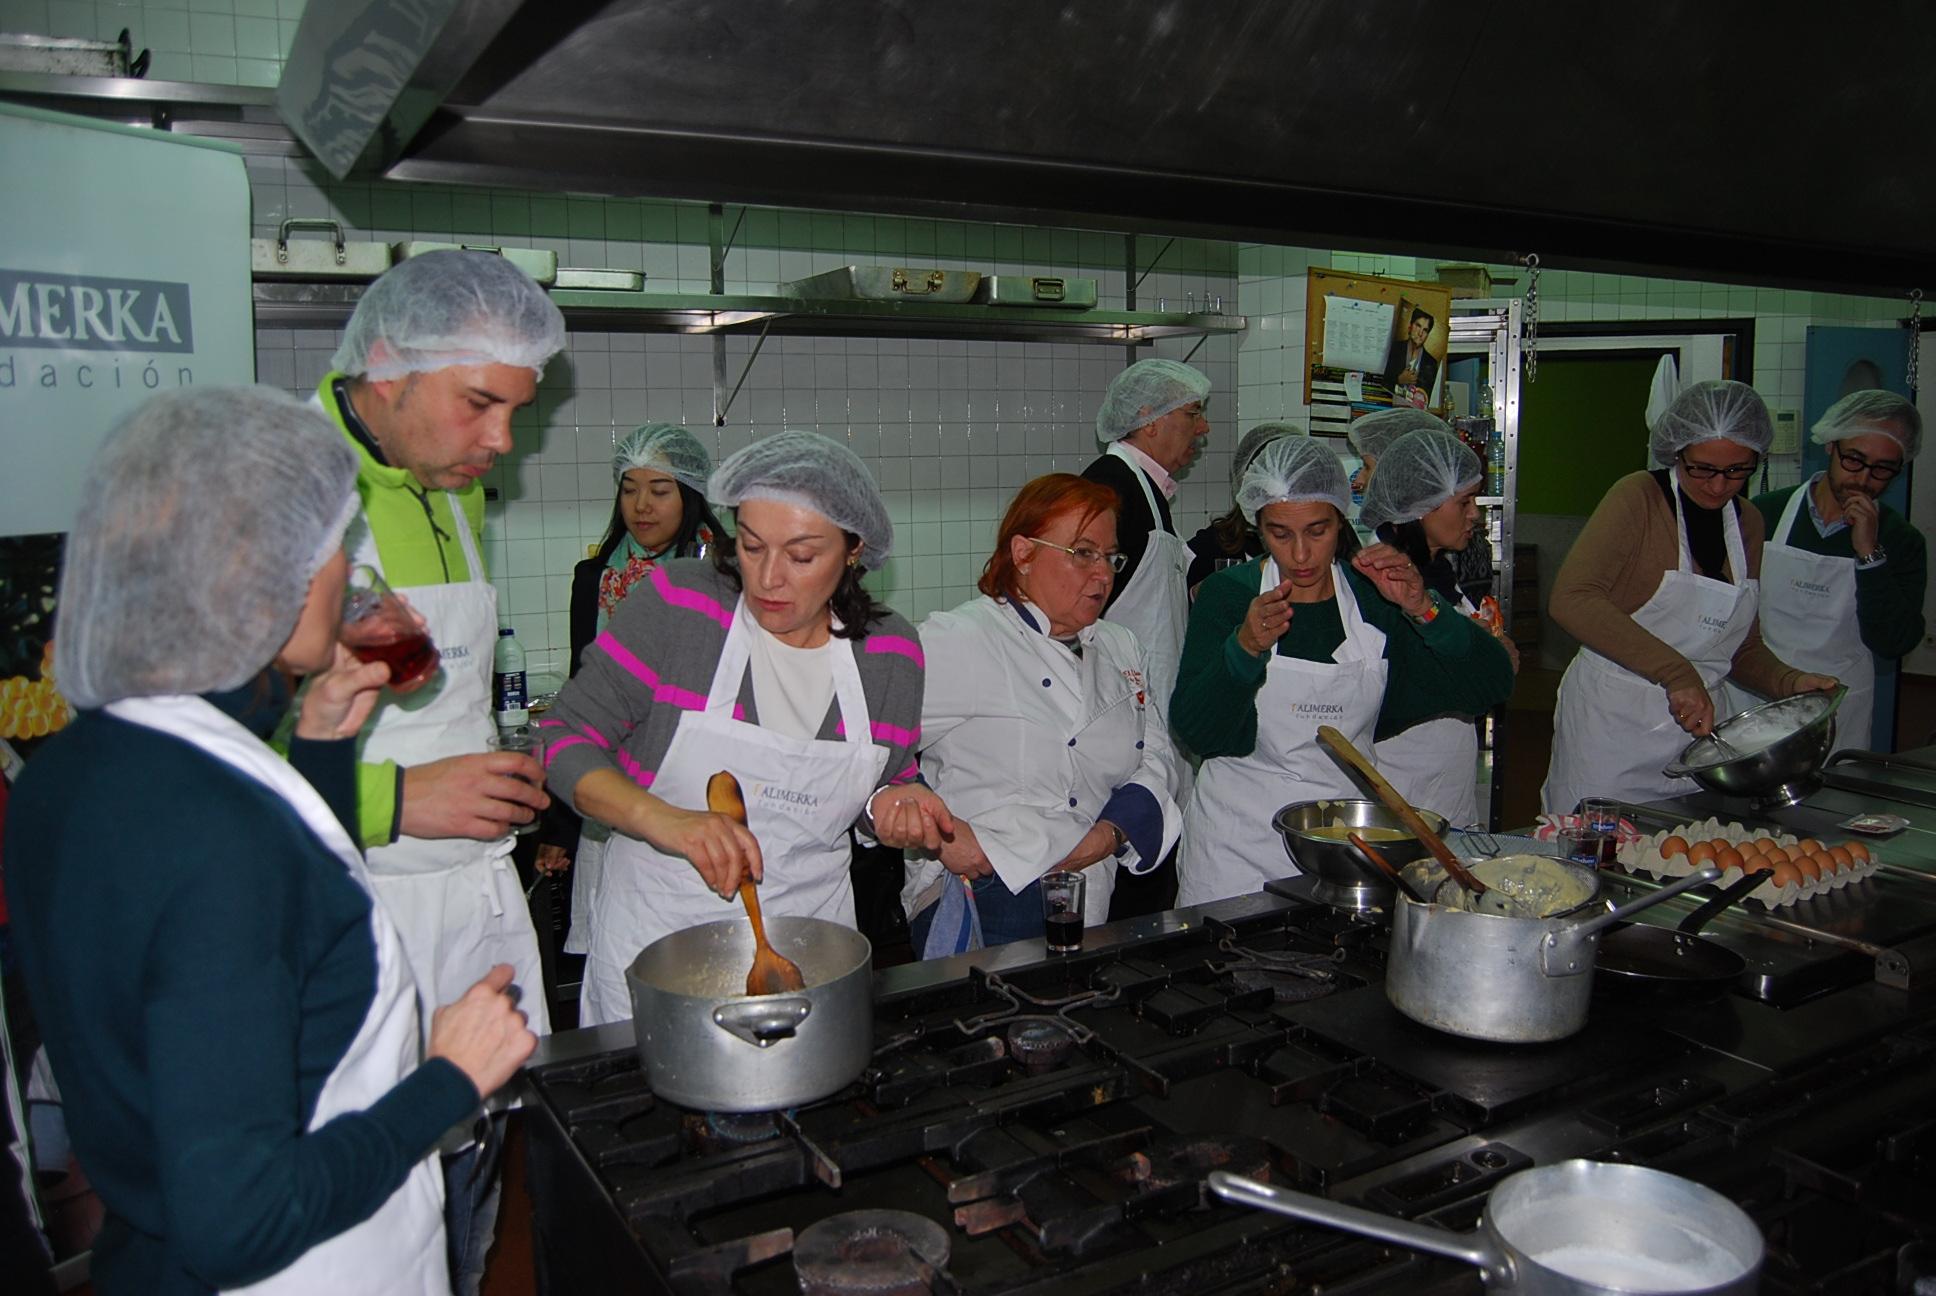 Cocina asturiana 27 de noviembre 075 red espa ola de for Cocina asturiana